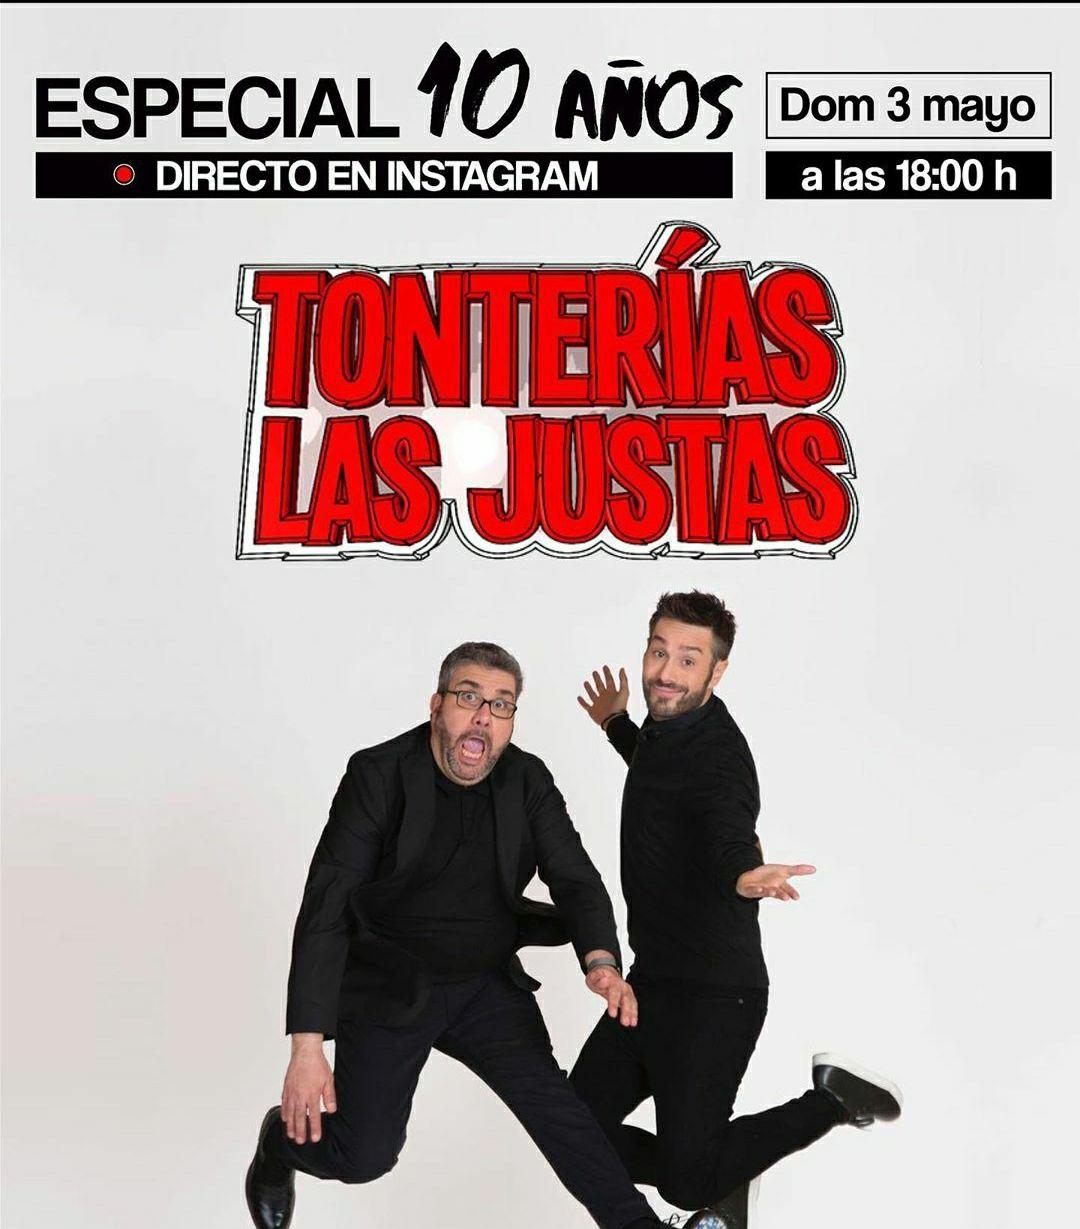 """Especial 10 años """"Tonterías las justas"""" Dani y Flo gratis"""